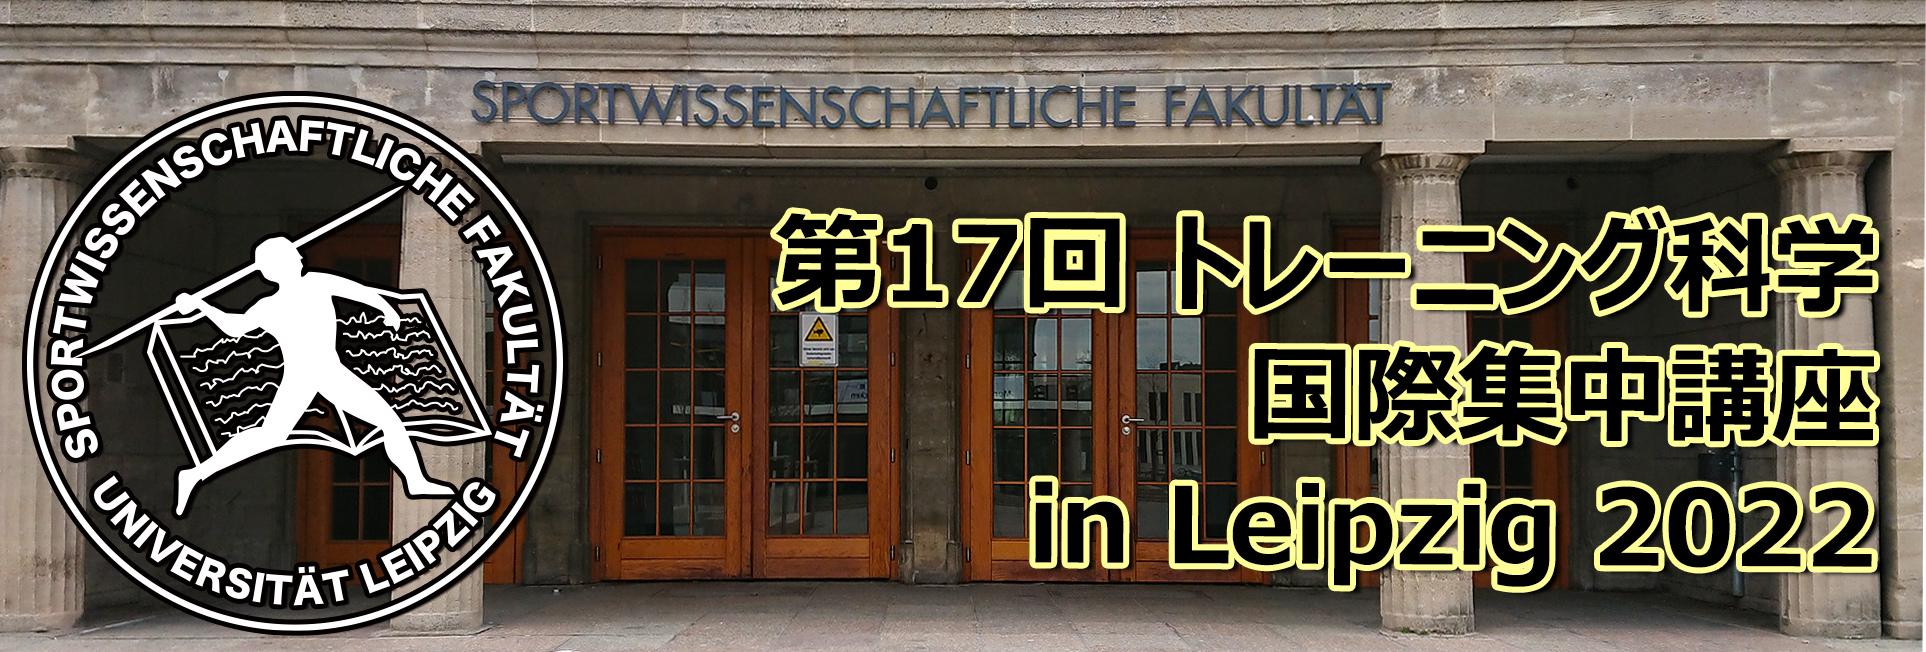 第17回 トレーニング科学・国際集中講座in Leipzig 2022(ライプチヒ講座)